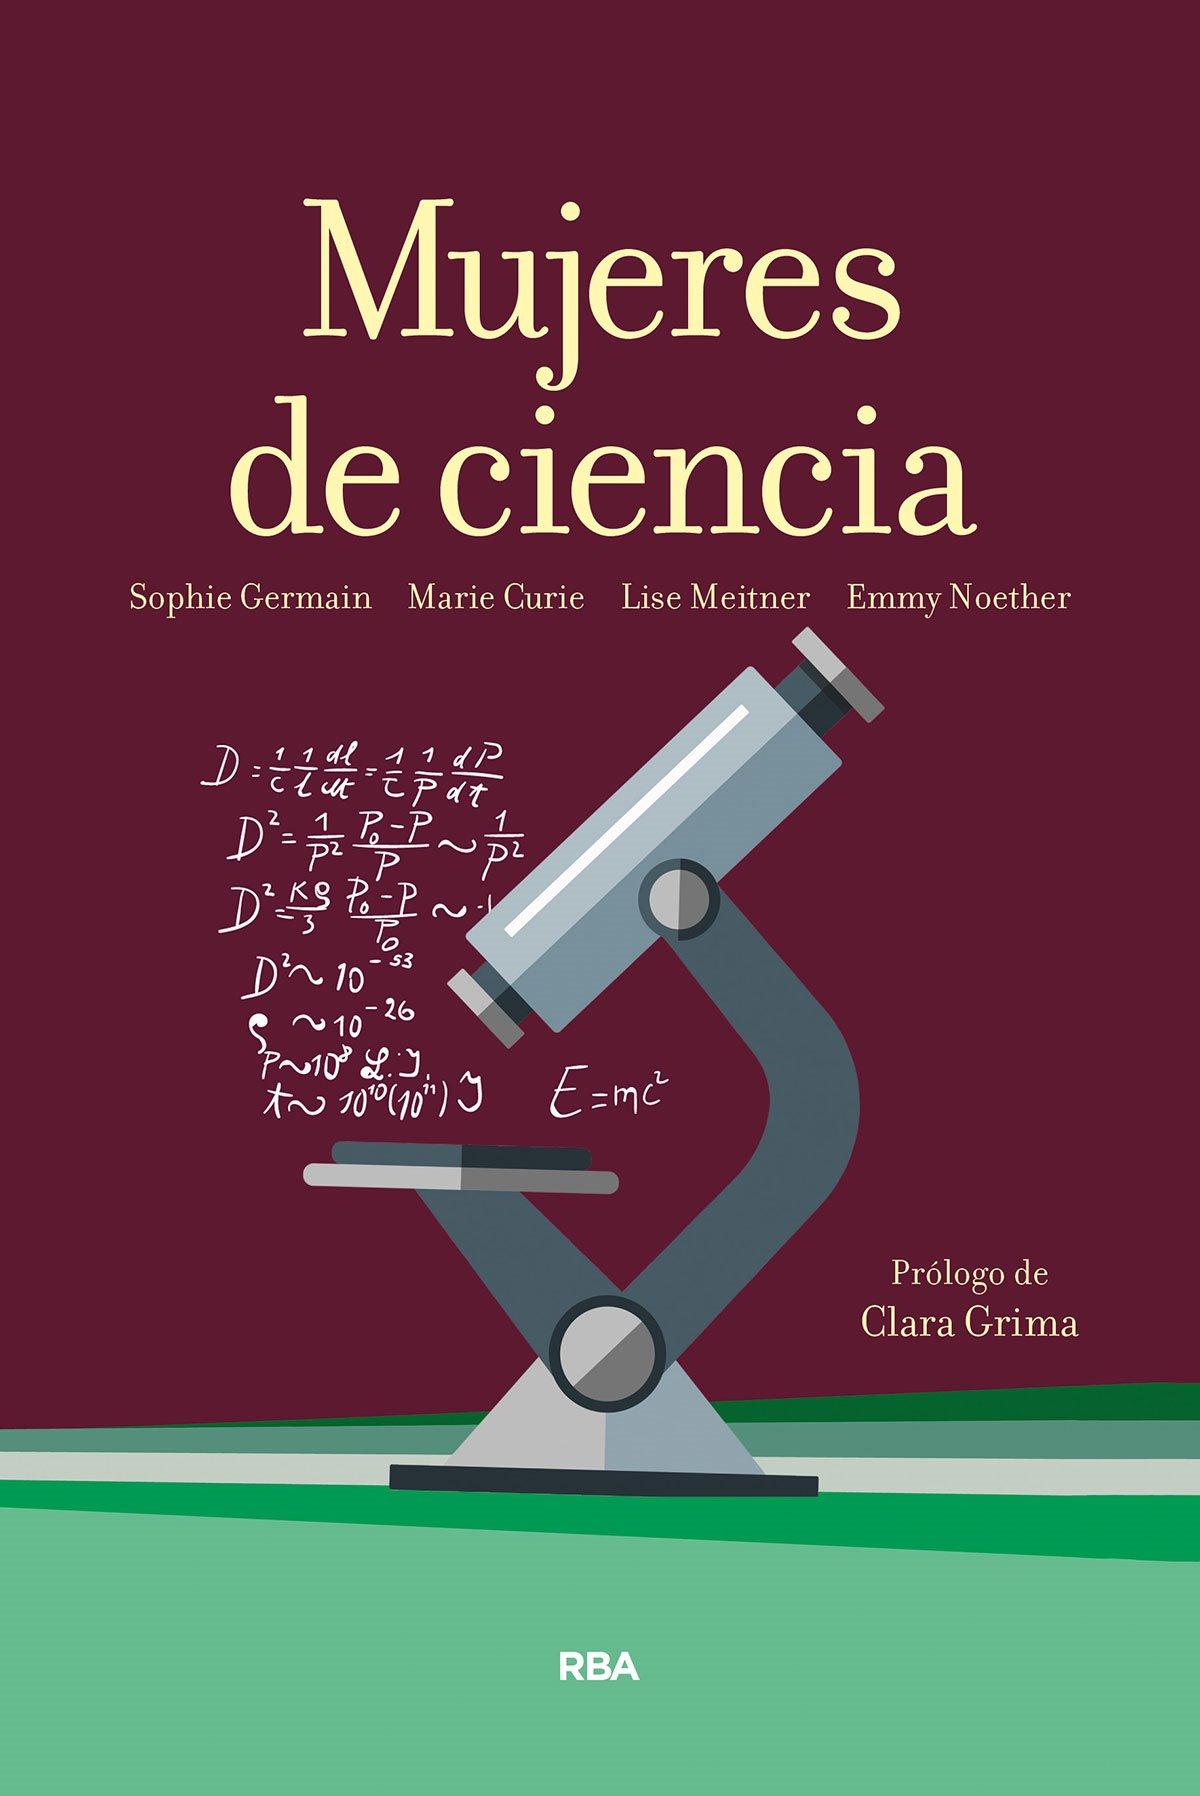 Mujeres y ciencia: 5 libros imprescindibles